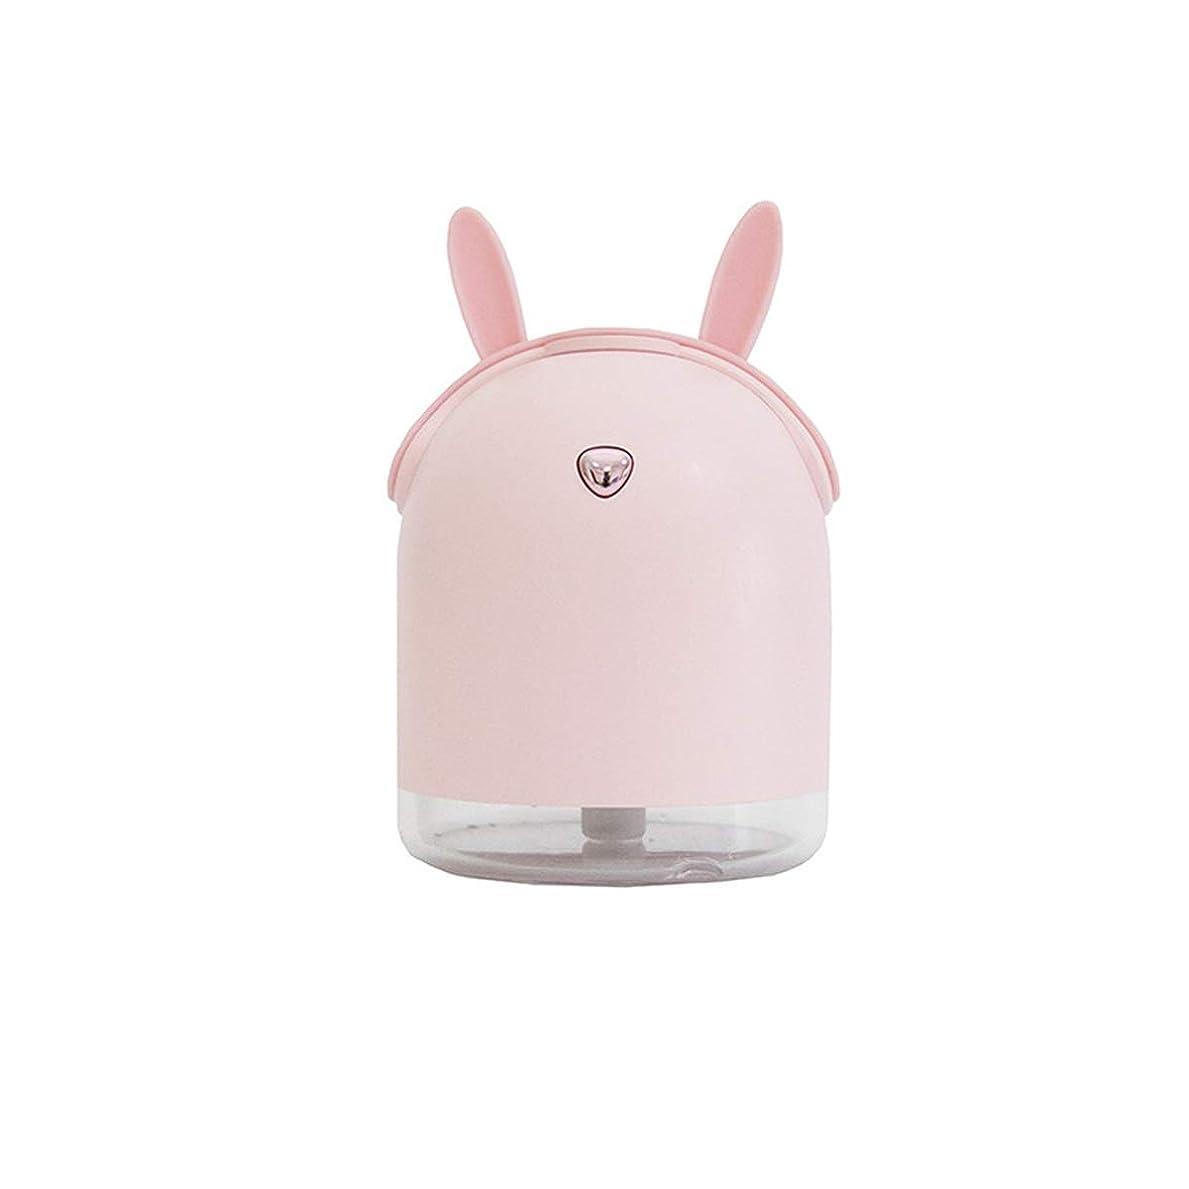 力学追放するレクリエーションペットの加湿器を充電USB加湿器カーミニ加湿器コンパクトポータブル (Color : Pink)